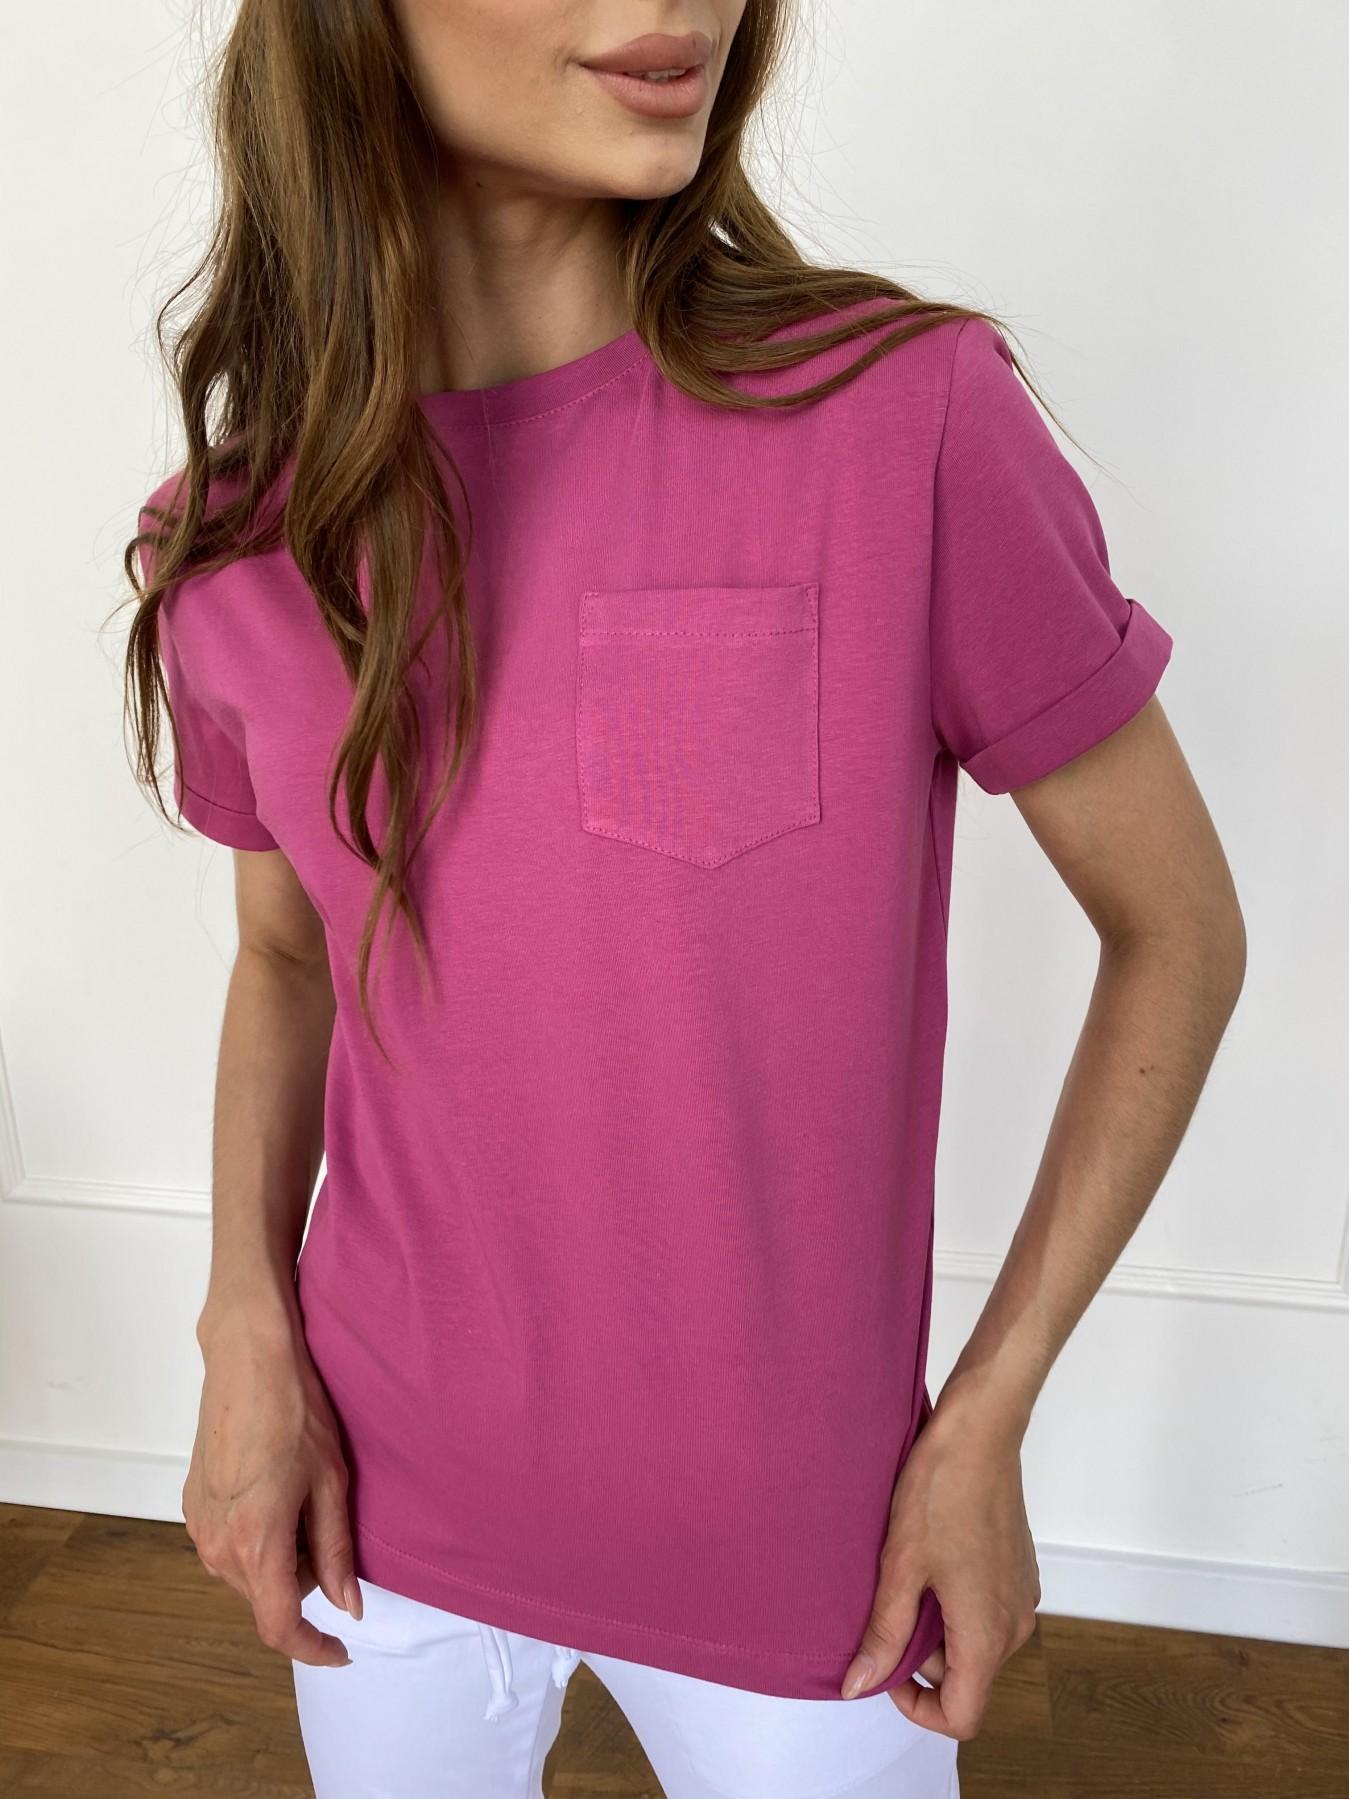 Вуди футболка из вискозы 11224 АРТ. 47874 Цвет: Малиновый - фото 4, интернет магазин tm-modus.ru